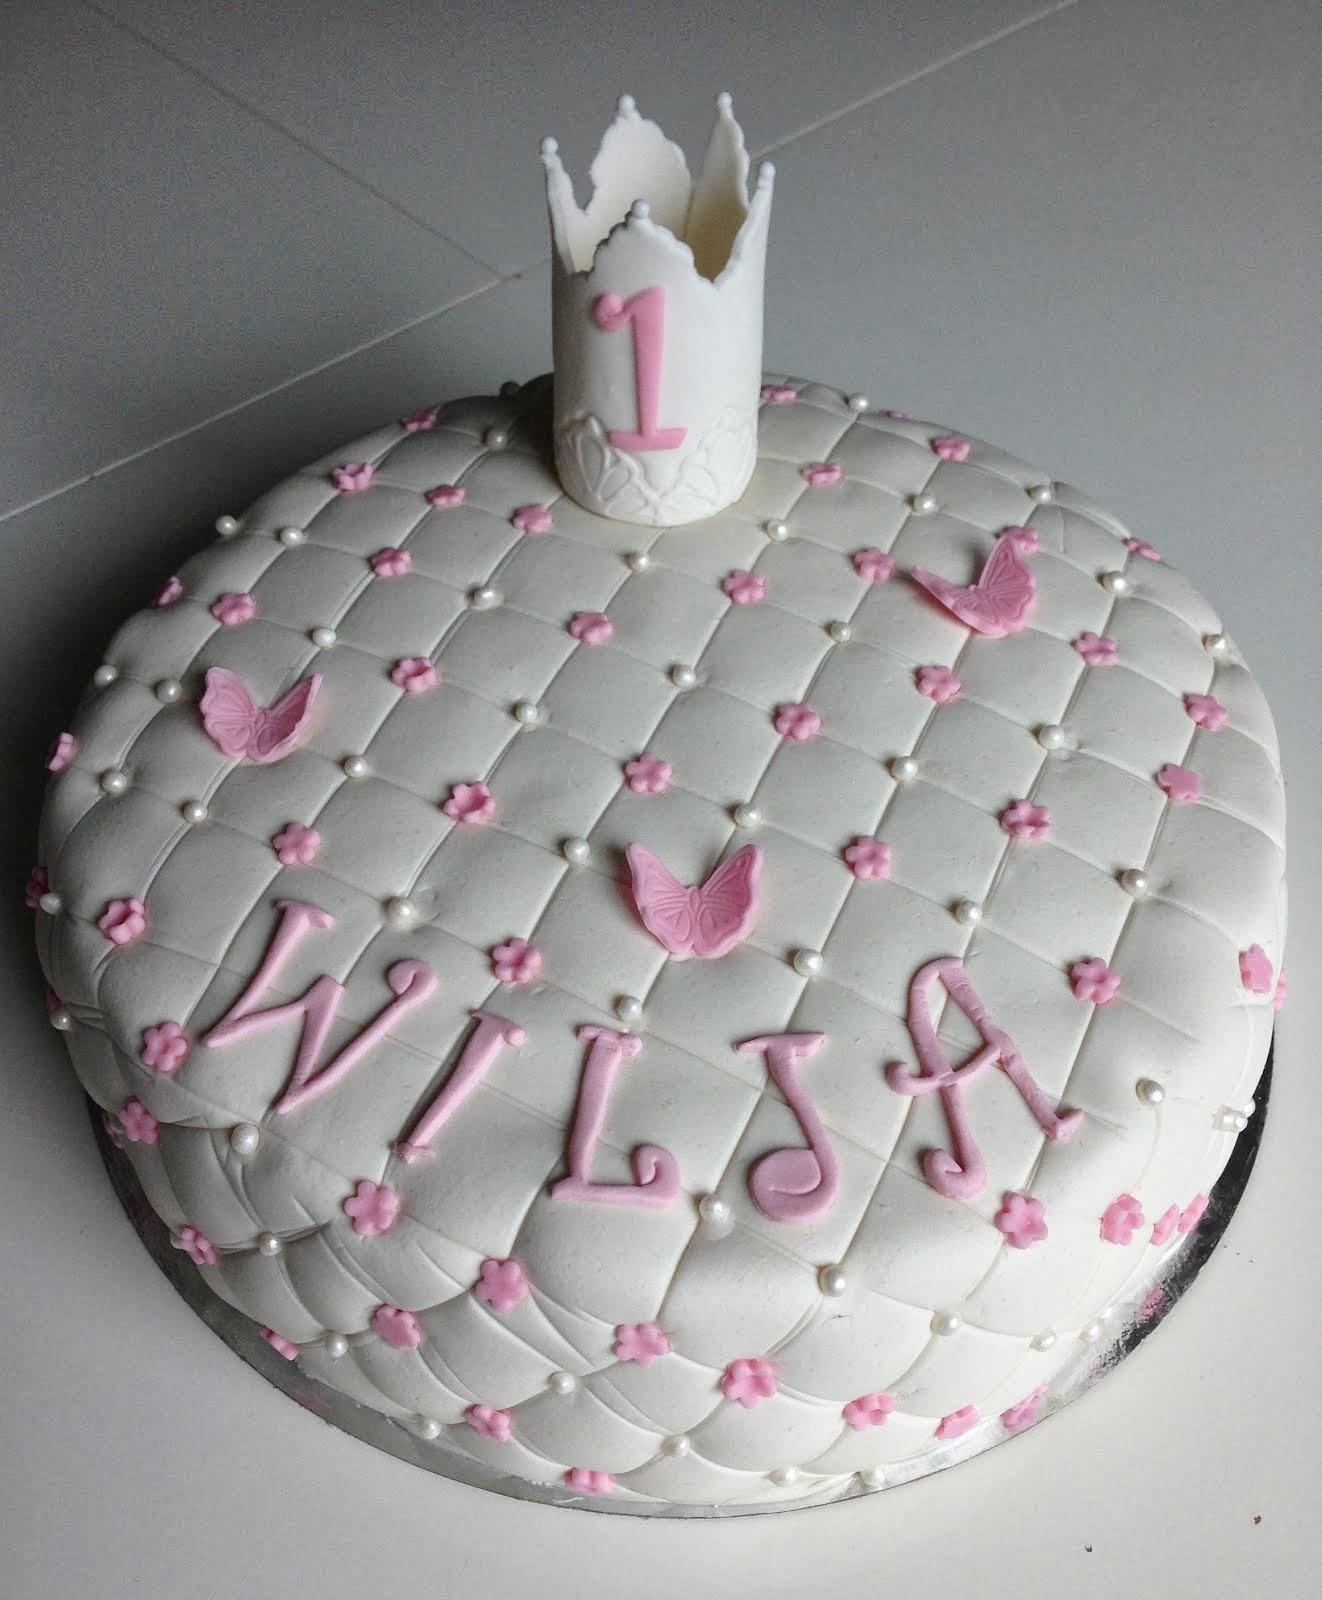 Vit tårta med krona